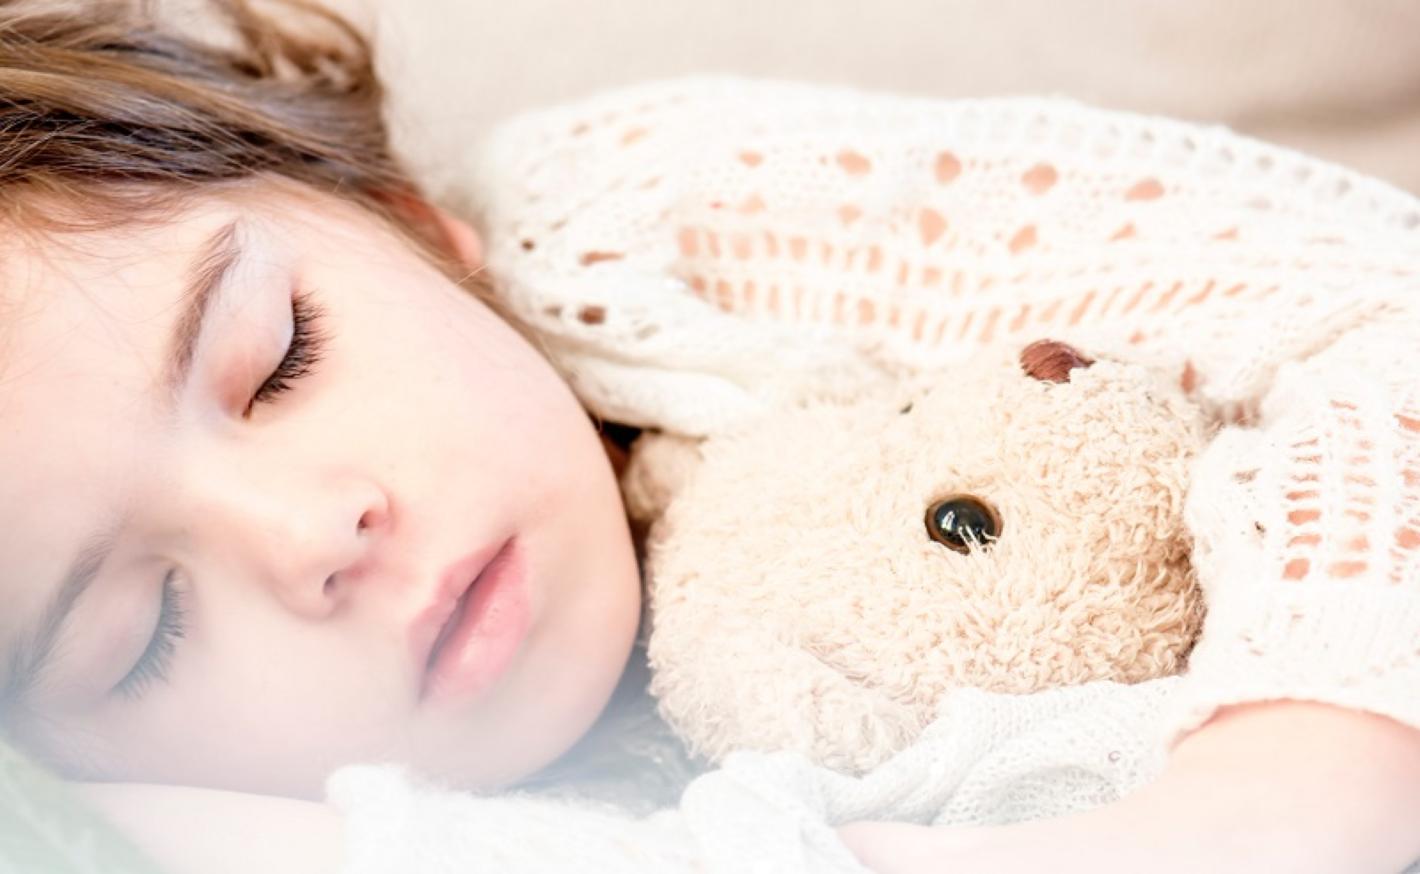 Koronavir a děti, je potřeba se obávat?